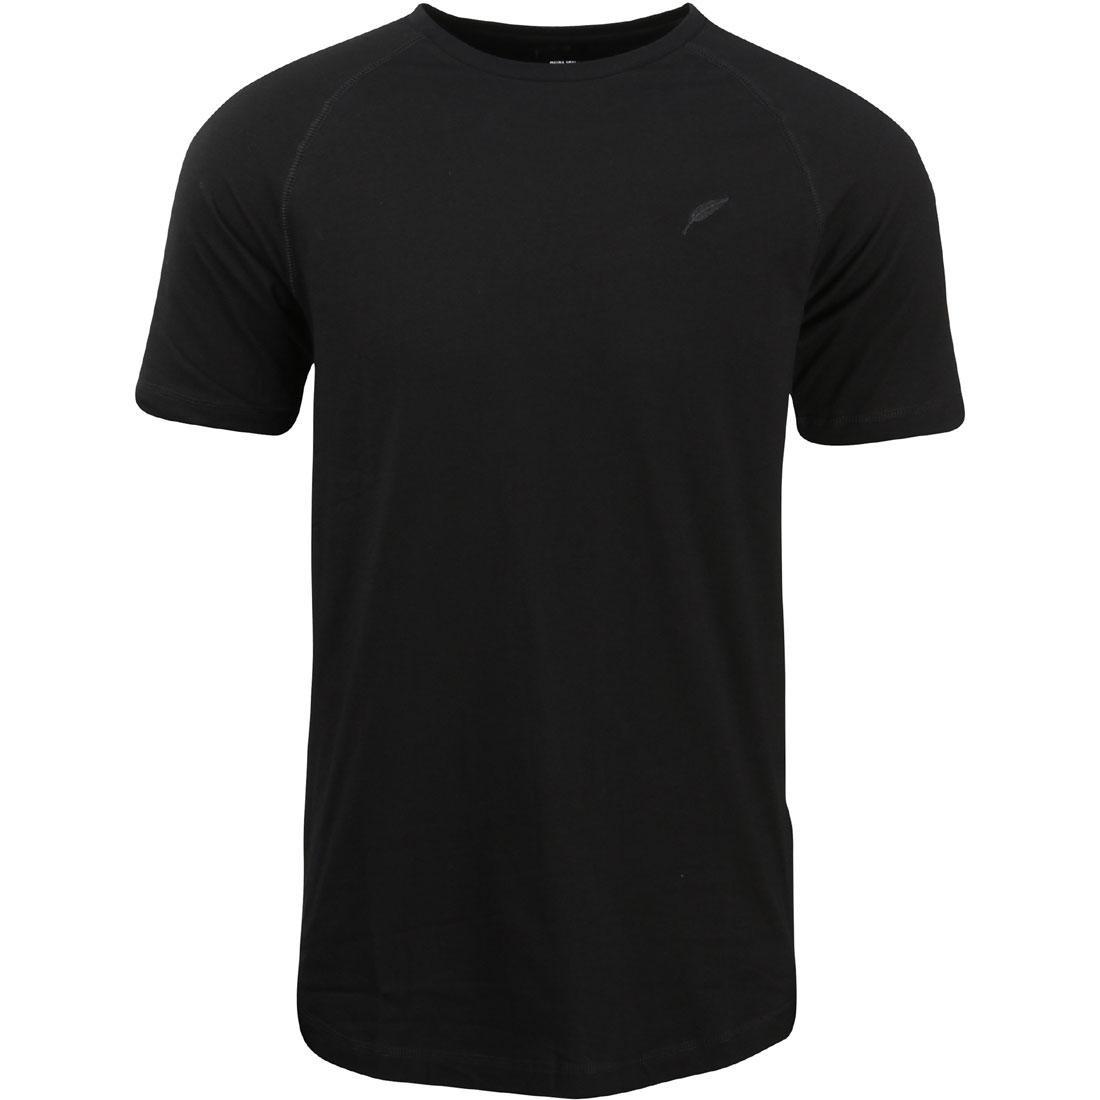 パブリッシュ Tシャツ 黒 ブラック 【 BLACK PUBLISH MEN MARTIN TEE 】 メンズファッション トップス Tシャツ カットソー